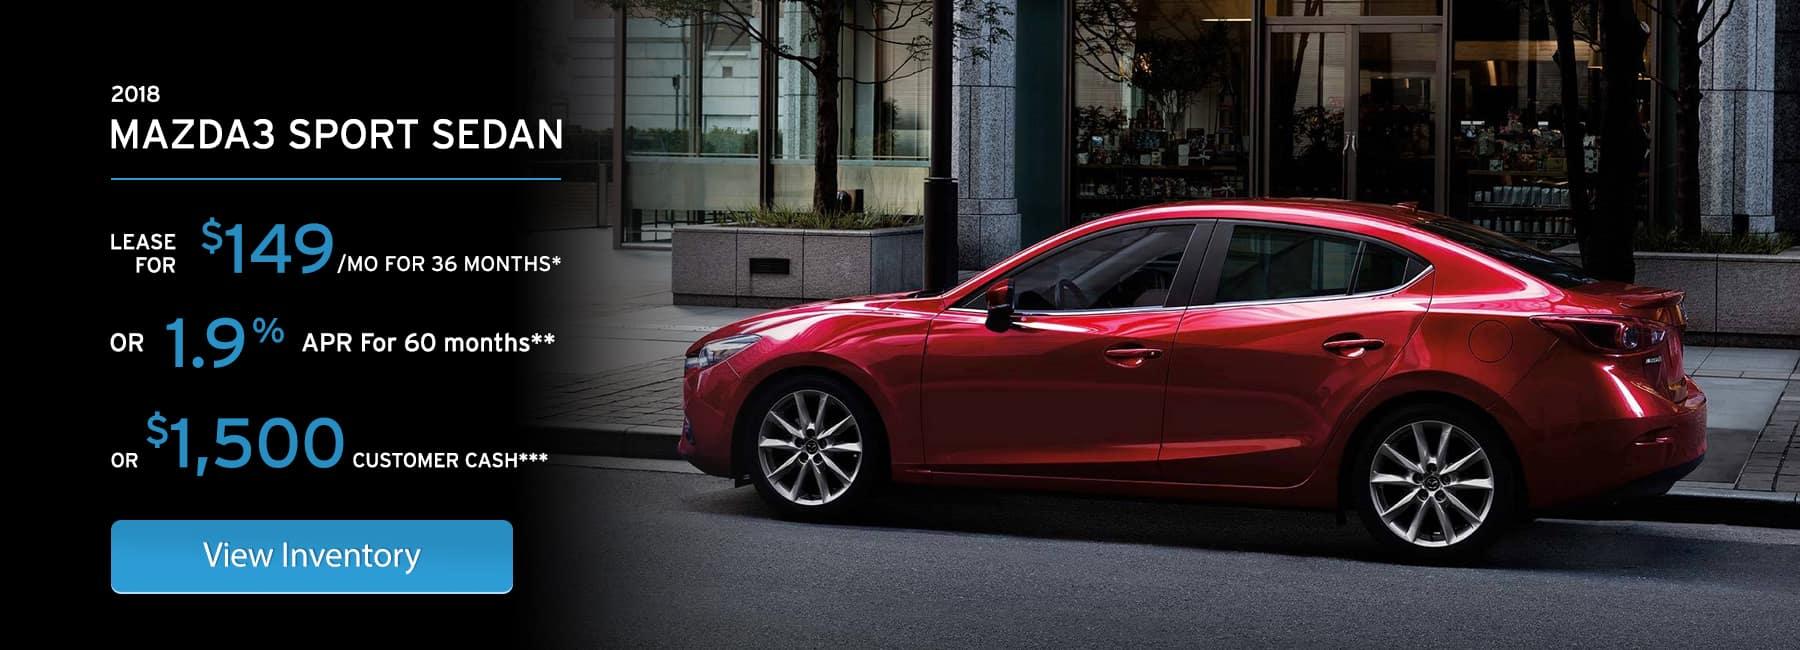 Mazda3 November Offer in Elgin